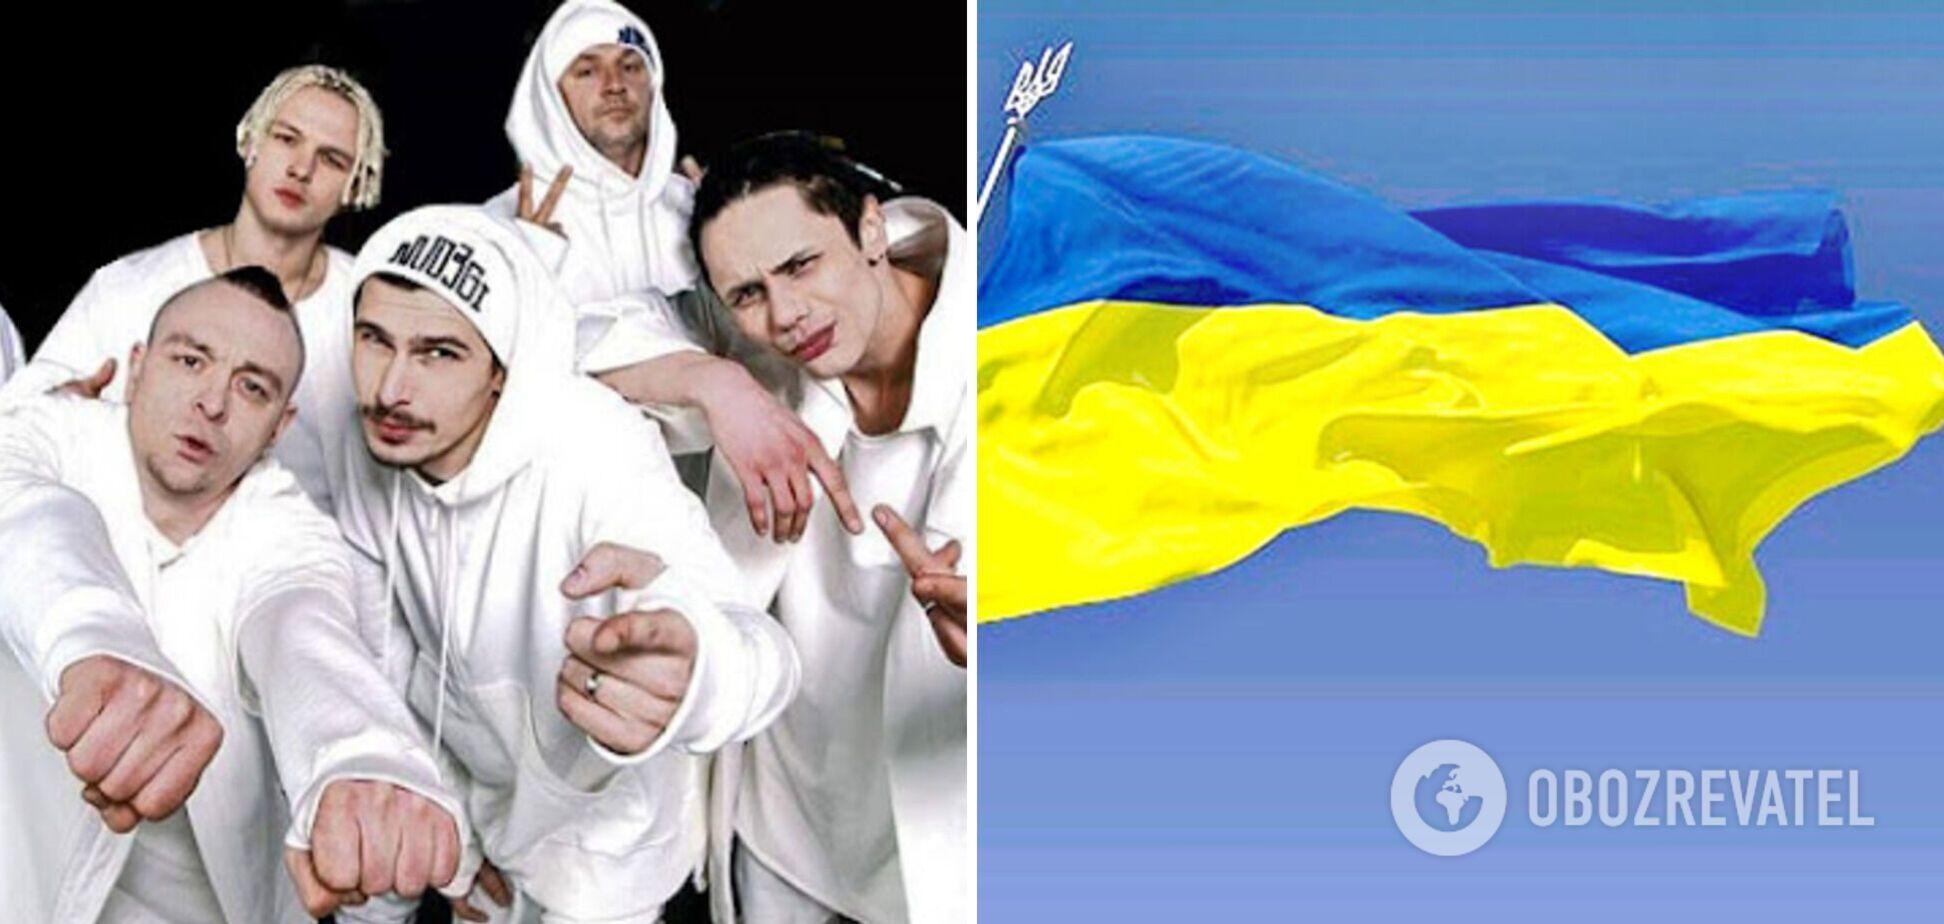 MOZGI выпустили новый трек к 30-летию независимости Украины